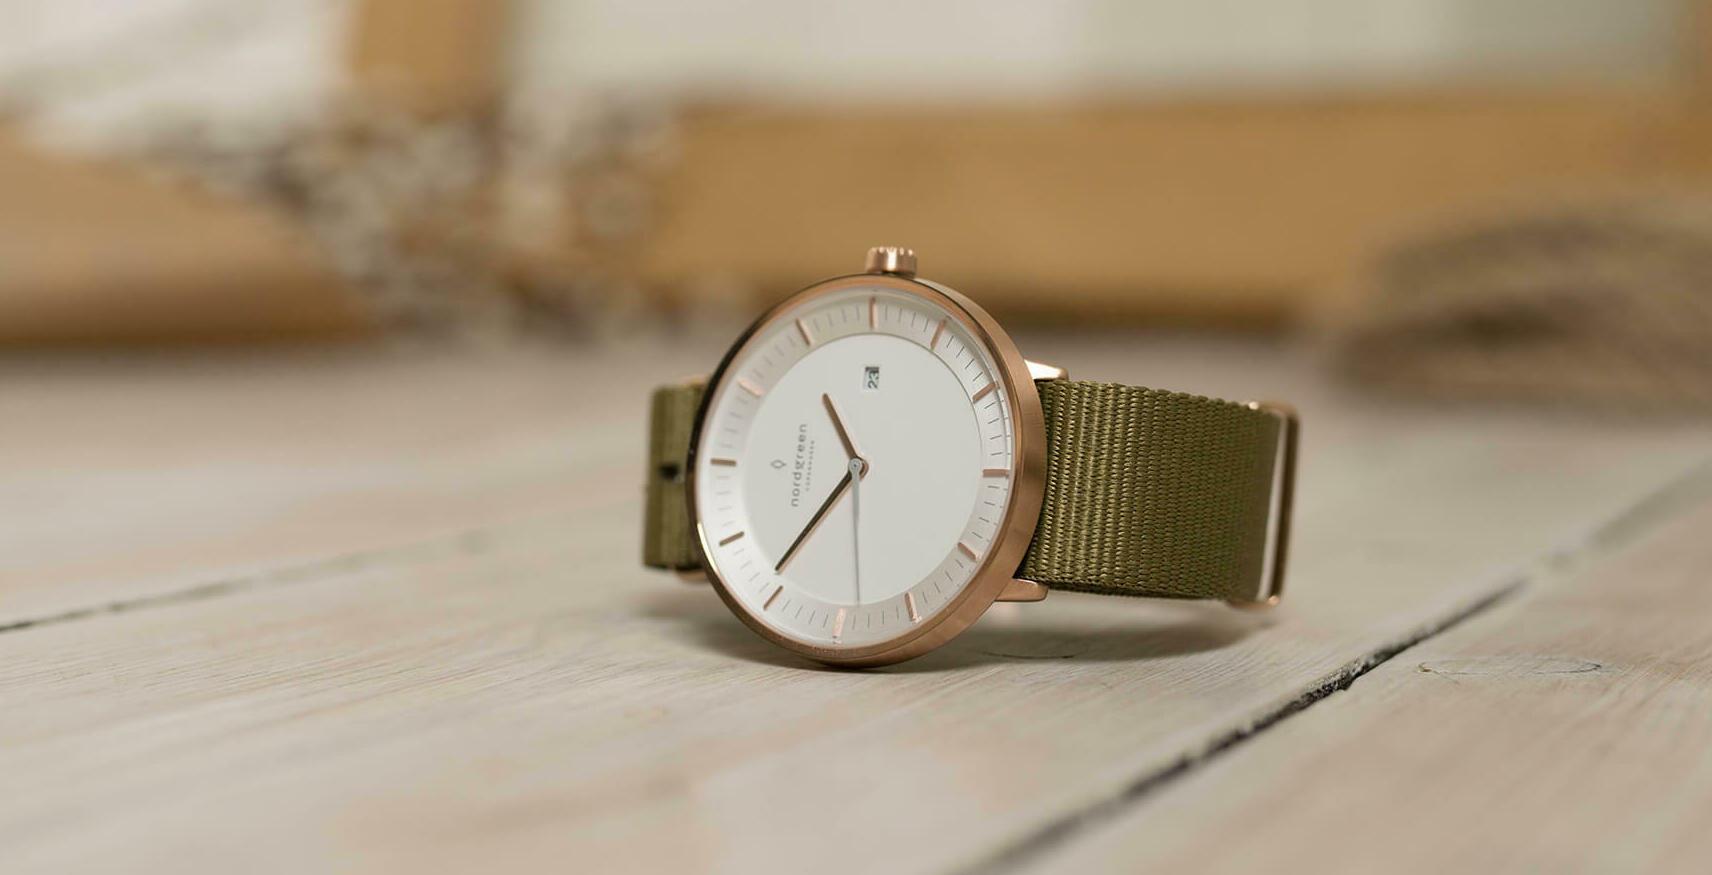 ノードグリーン腕時計3